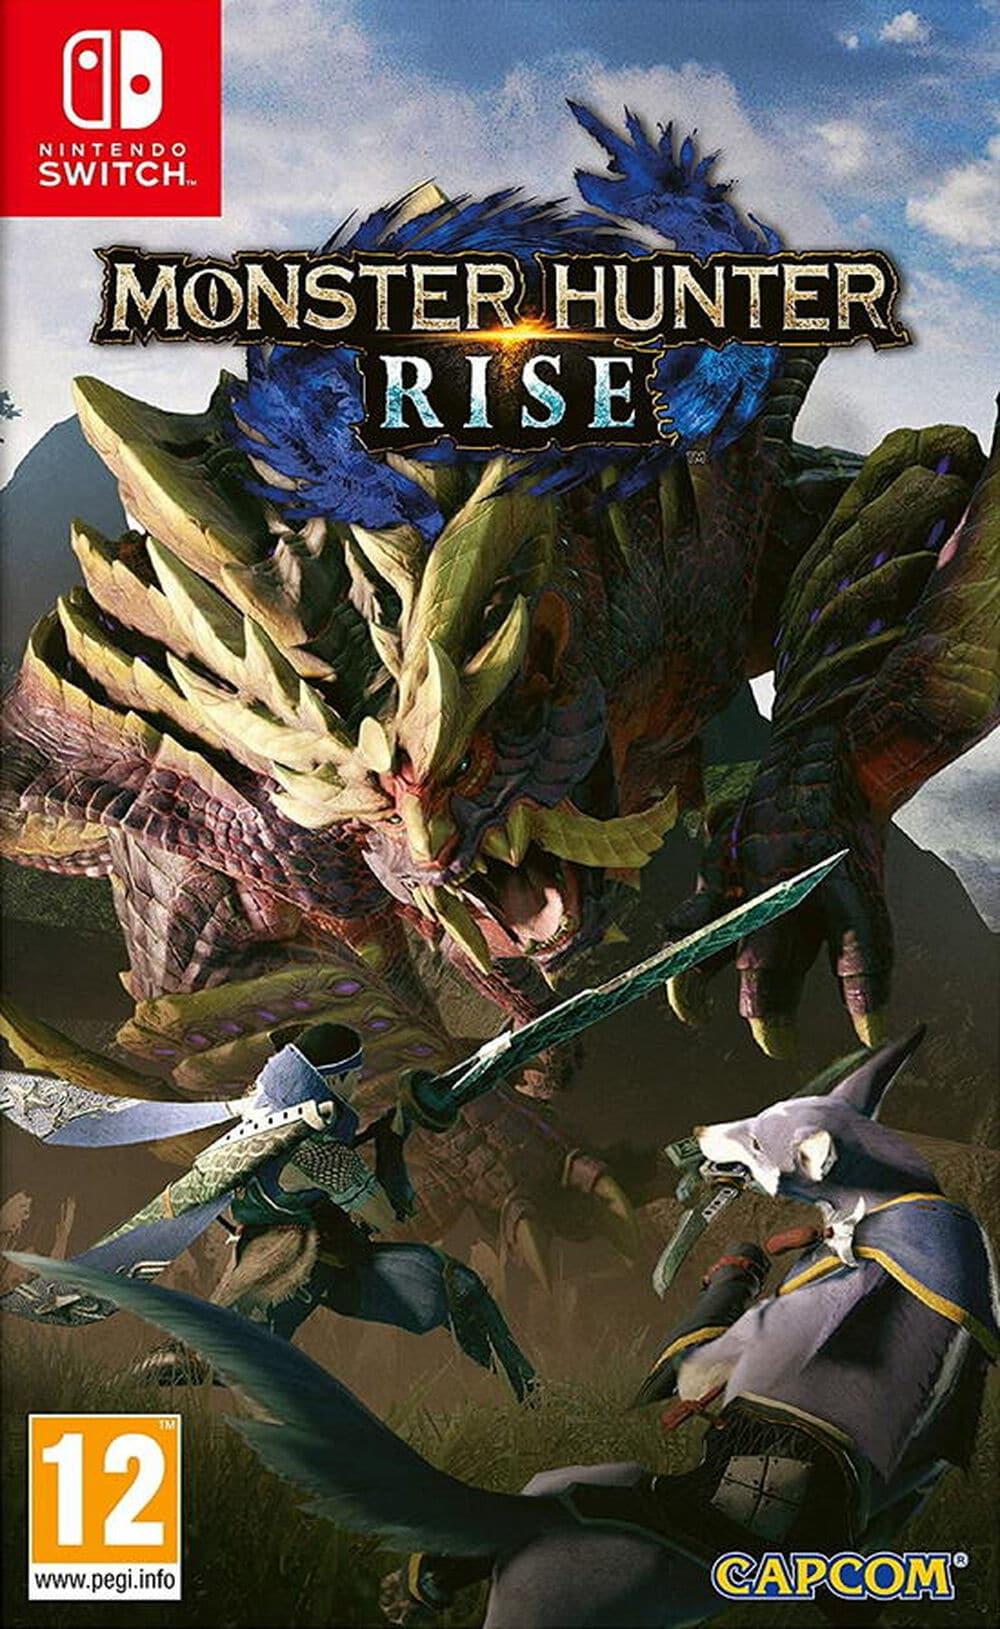 La promotion eShop comprend Monster Hunter Rise, Hades et d'autres jeux à prix réduit - Jeux - info 1